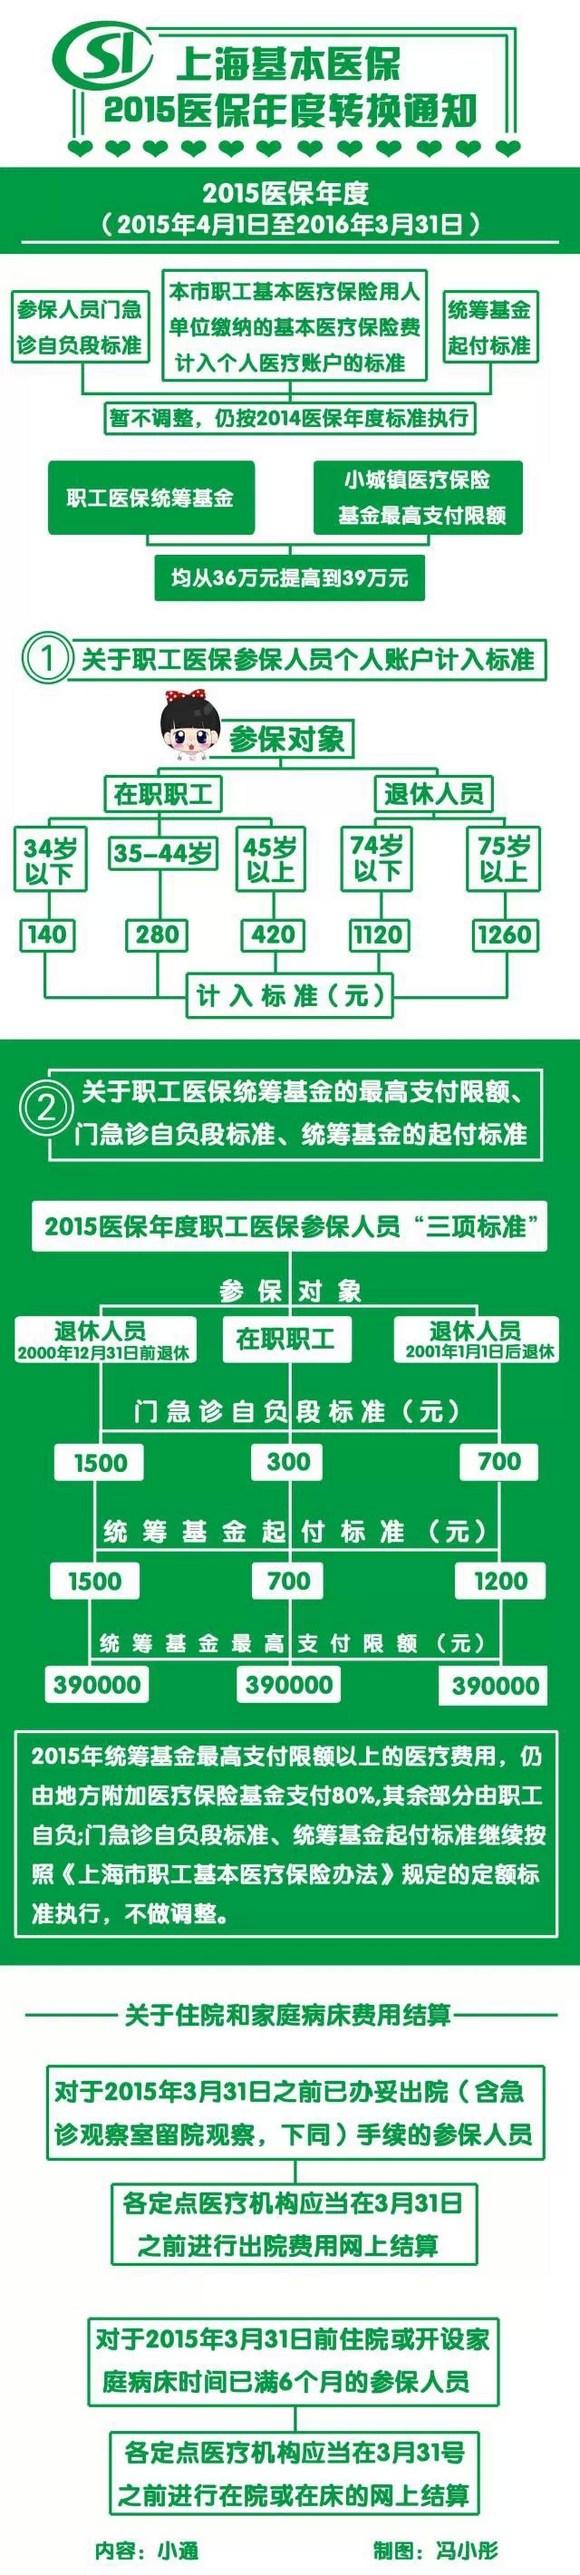 2015年上海市医保额度提升